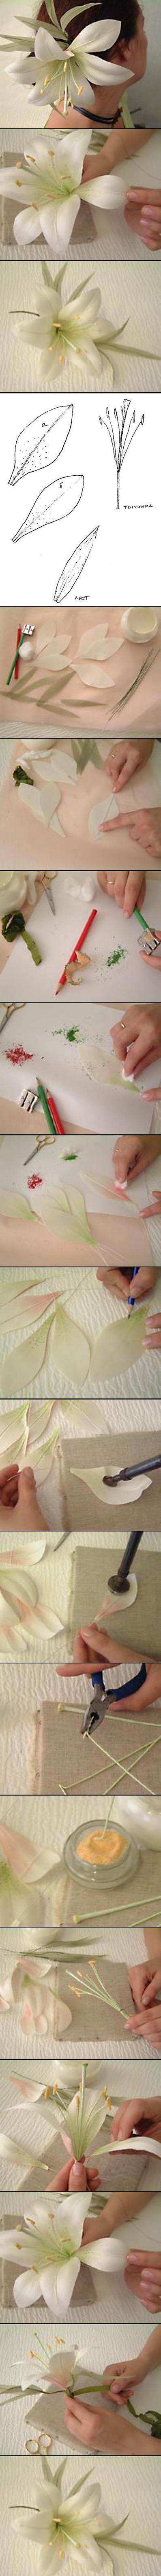 ساخت تل سر دخترانه,ساخت گل سر دخترانه,ساخت انواع تل,ساخت انواع گل سر,آموزش گل سر دخترانه,آموزش گل سر زنانه,ساخت تل با کاغذ,ساخت تل سر پارچه ای